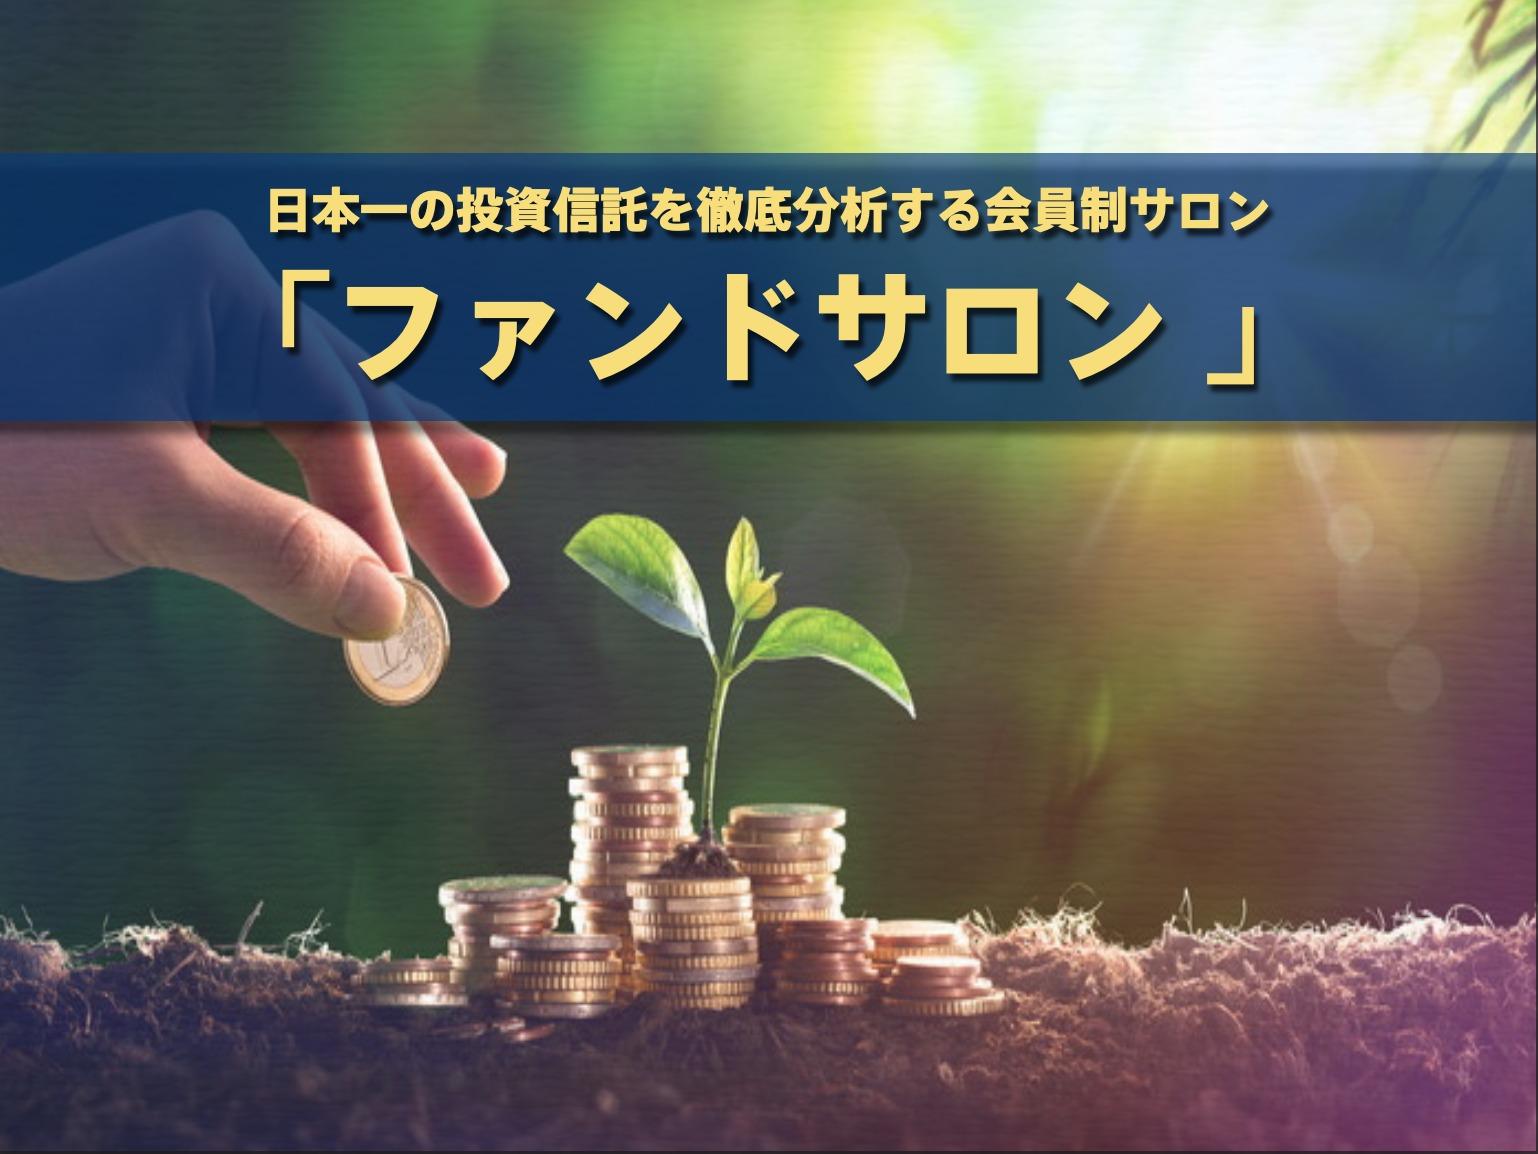 保護中: 日本一の投資信託を徹底分析する会員制サロン「ファンドサロン」